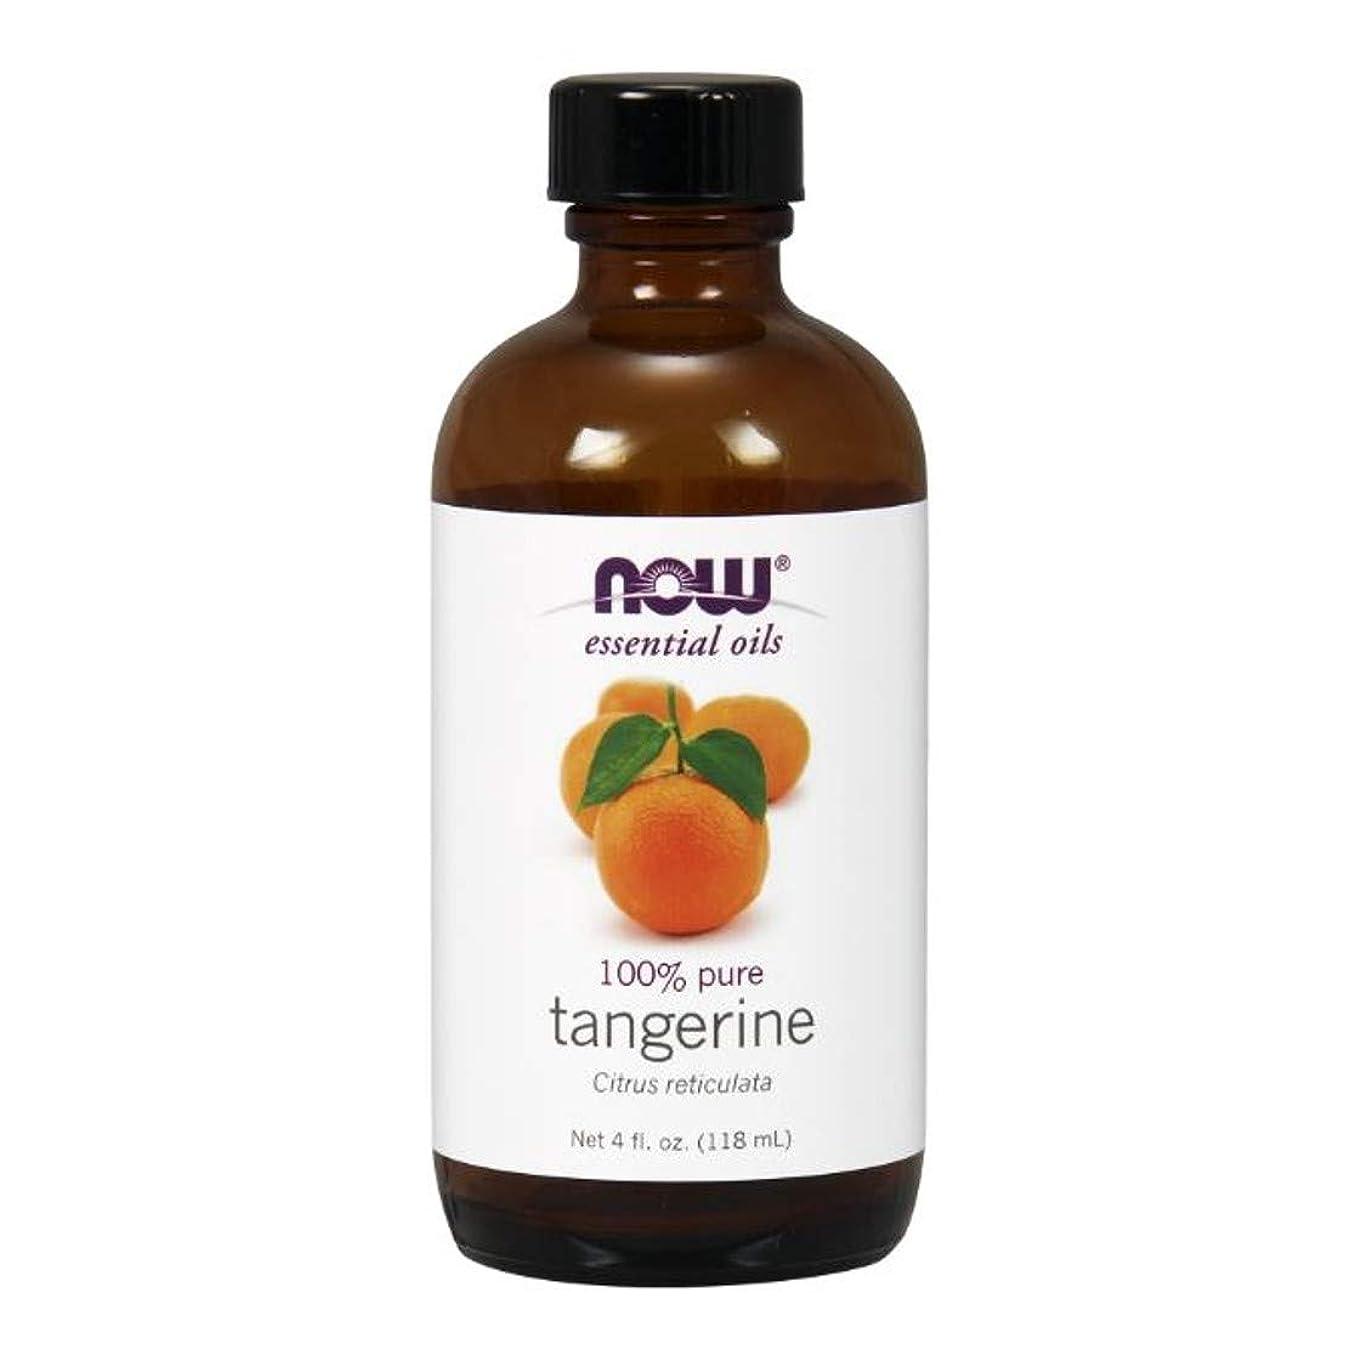 寄付ロッド規模Now - Tangerine Oil 100% Pure 4 oz (118 ml) [並行輸入品]